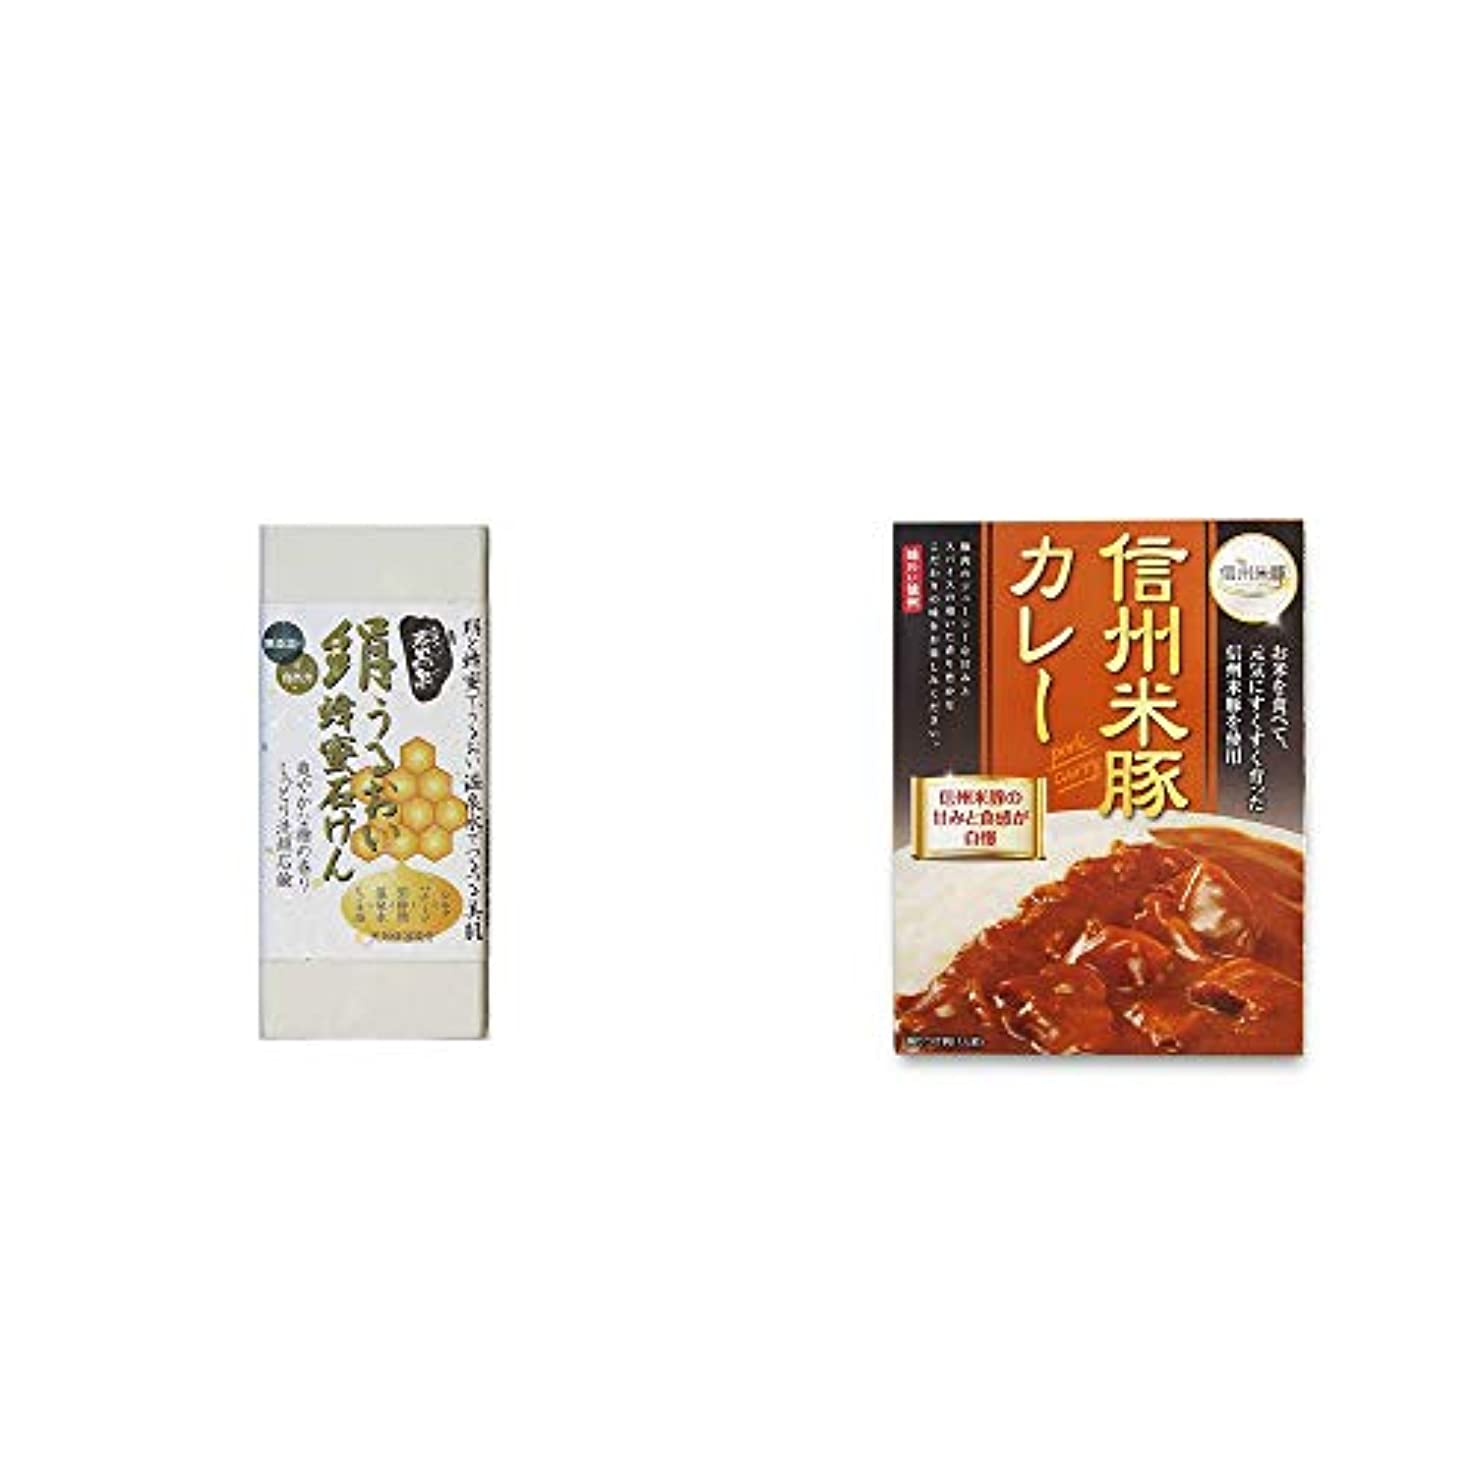 インク変成器事前[2点セット] ひのき炭黒泉 絹うるおい蜂蜜石けん(75g×2)?信州米豚カレー(1食分)